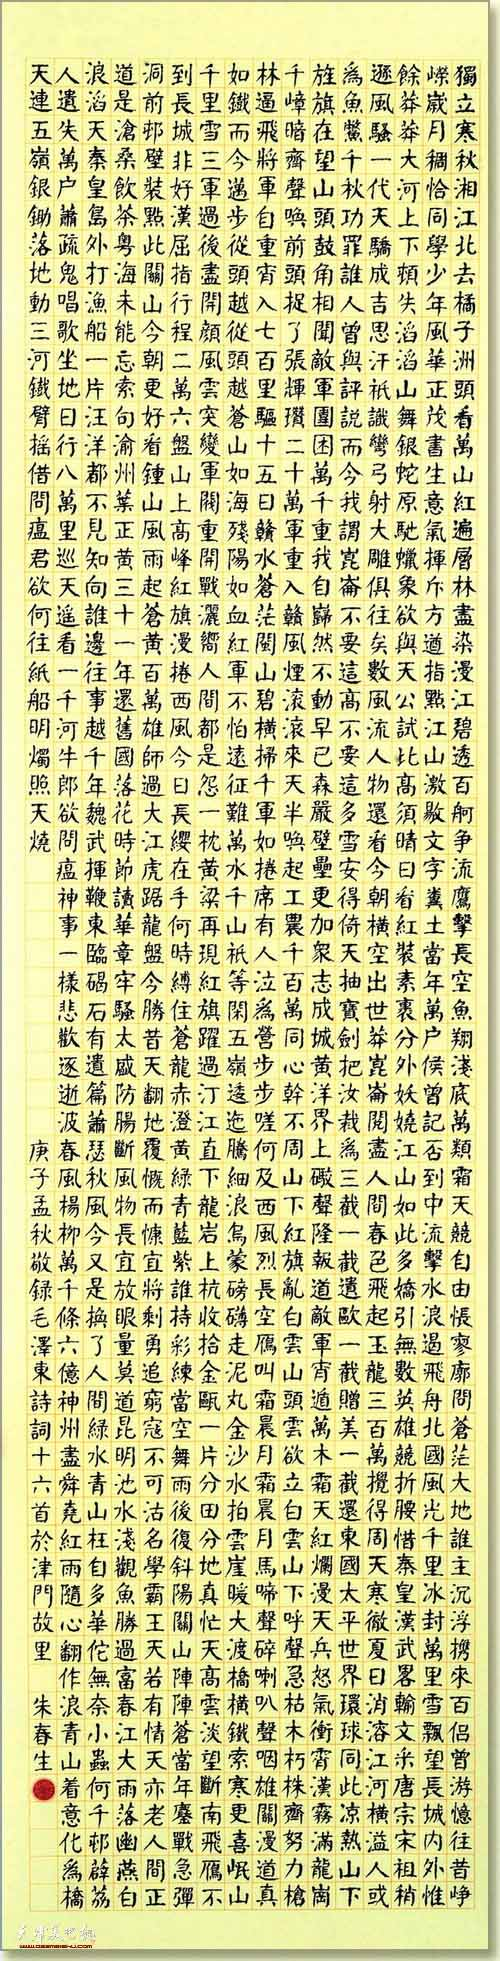 朱春生作品:毛泽东诗词十六首